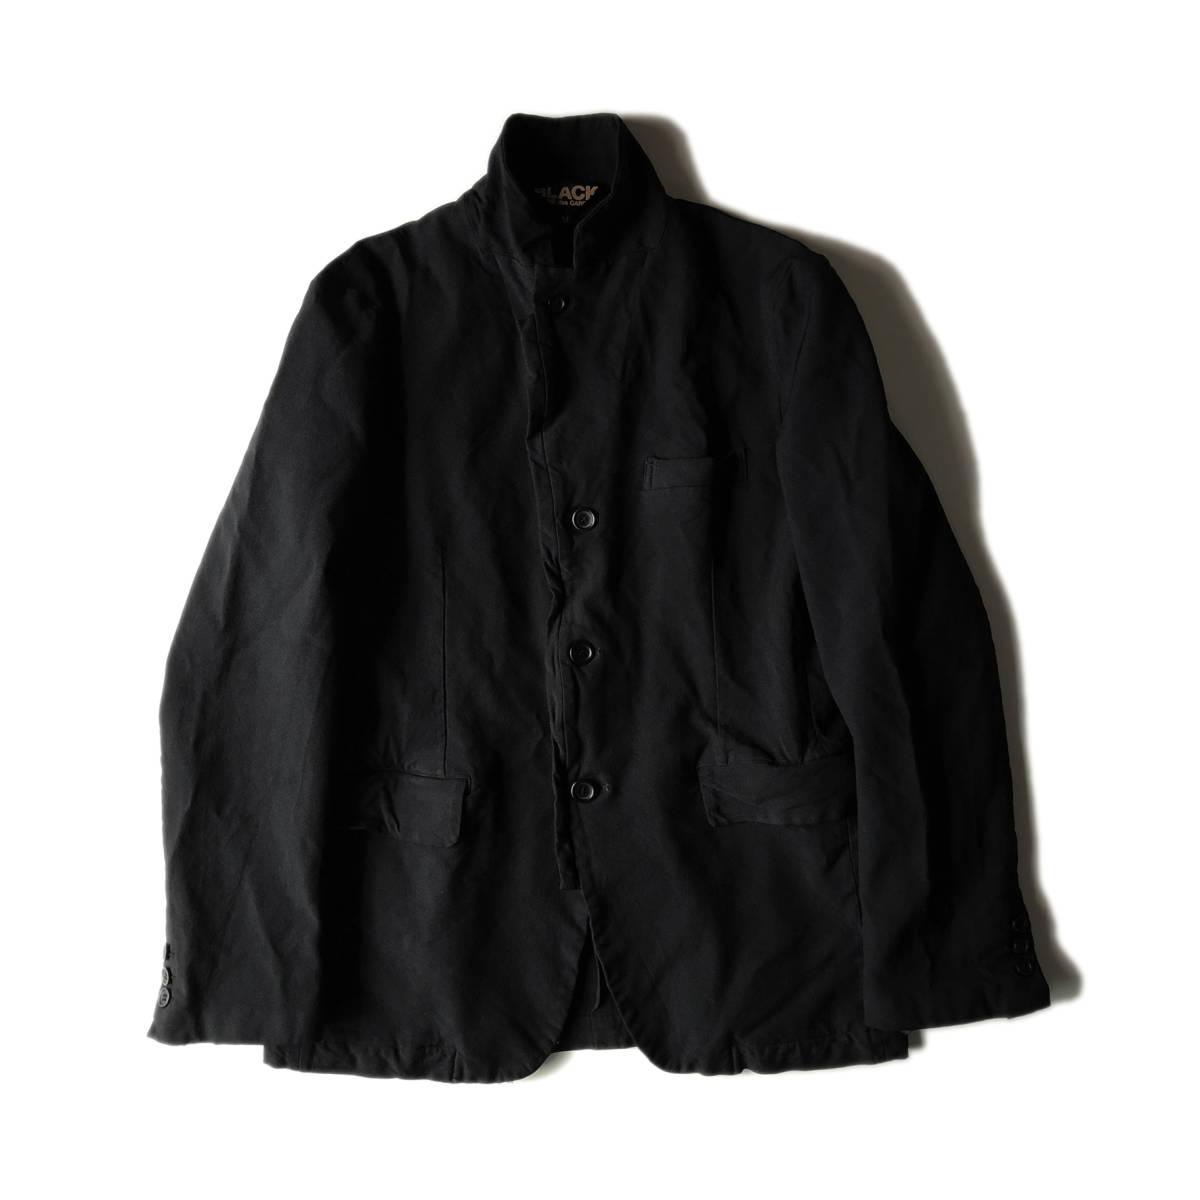 AD2009 BLACK COMME des GARCONS ブラックコムデギャルソン ポリ縮 ジャケット ブラック ポリエステル縮絨 黒 M ※セットアップPTも出品中_画像3